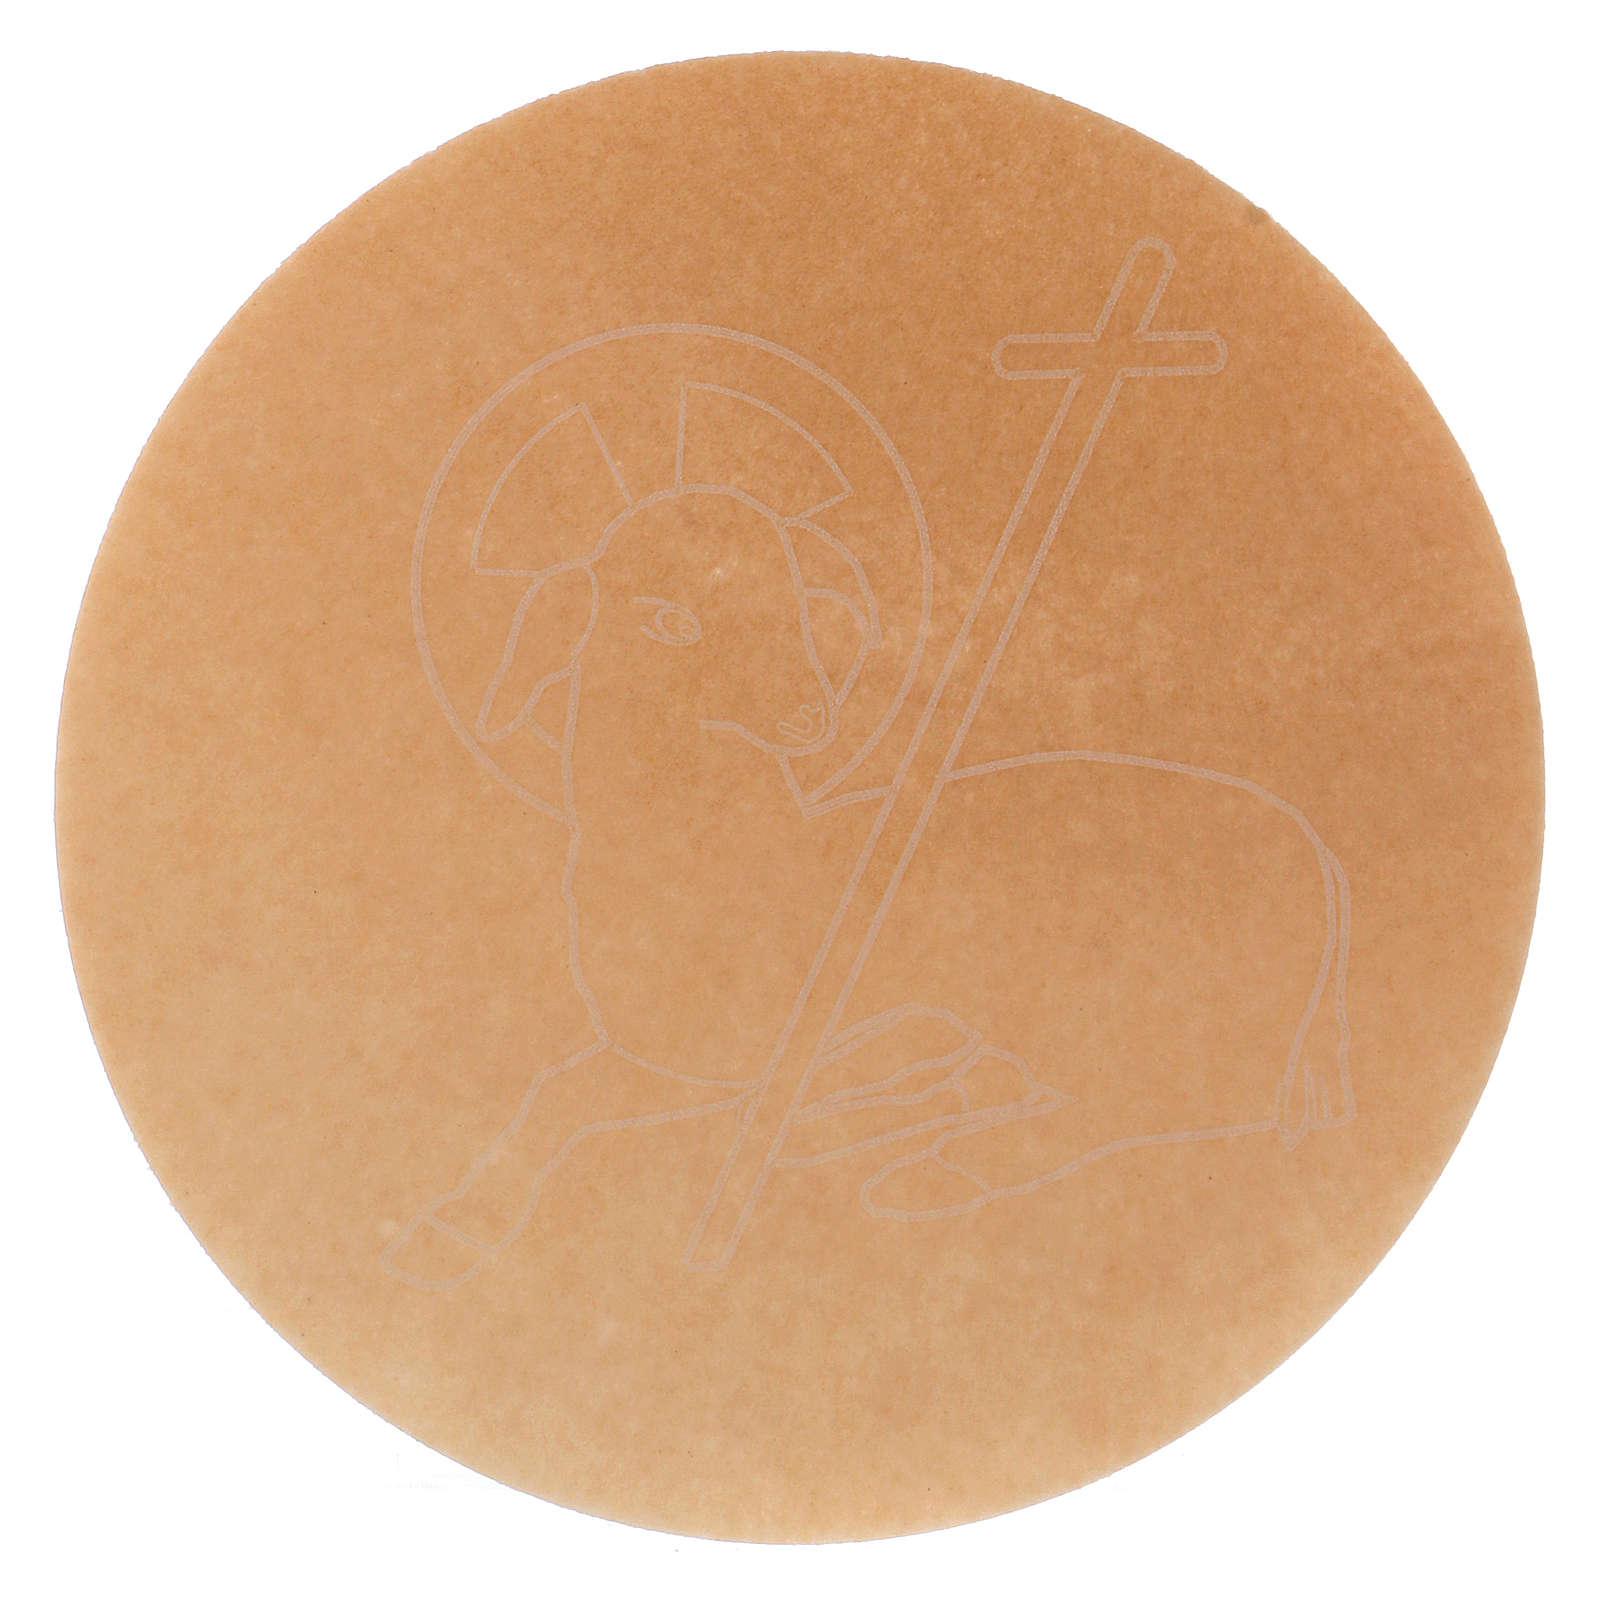 Brothostien für Konzelebration 5 Stück mit einem Durchmesser von 16 cm 3